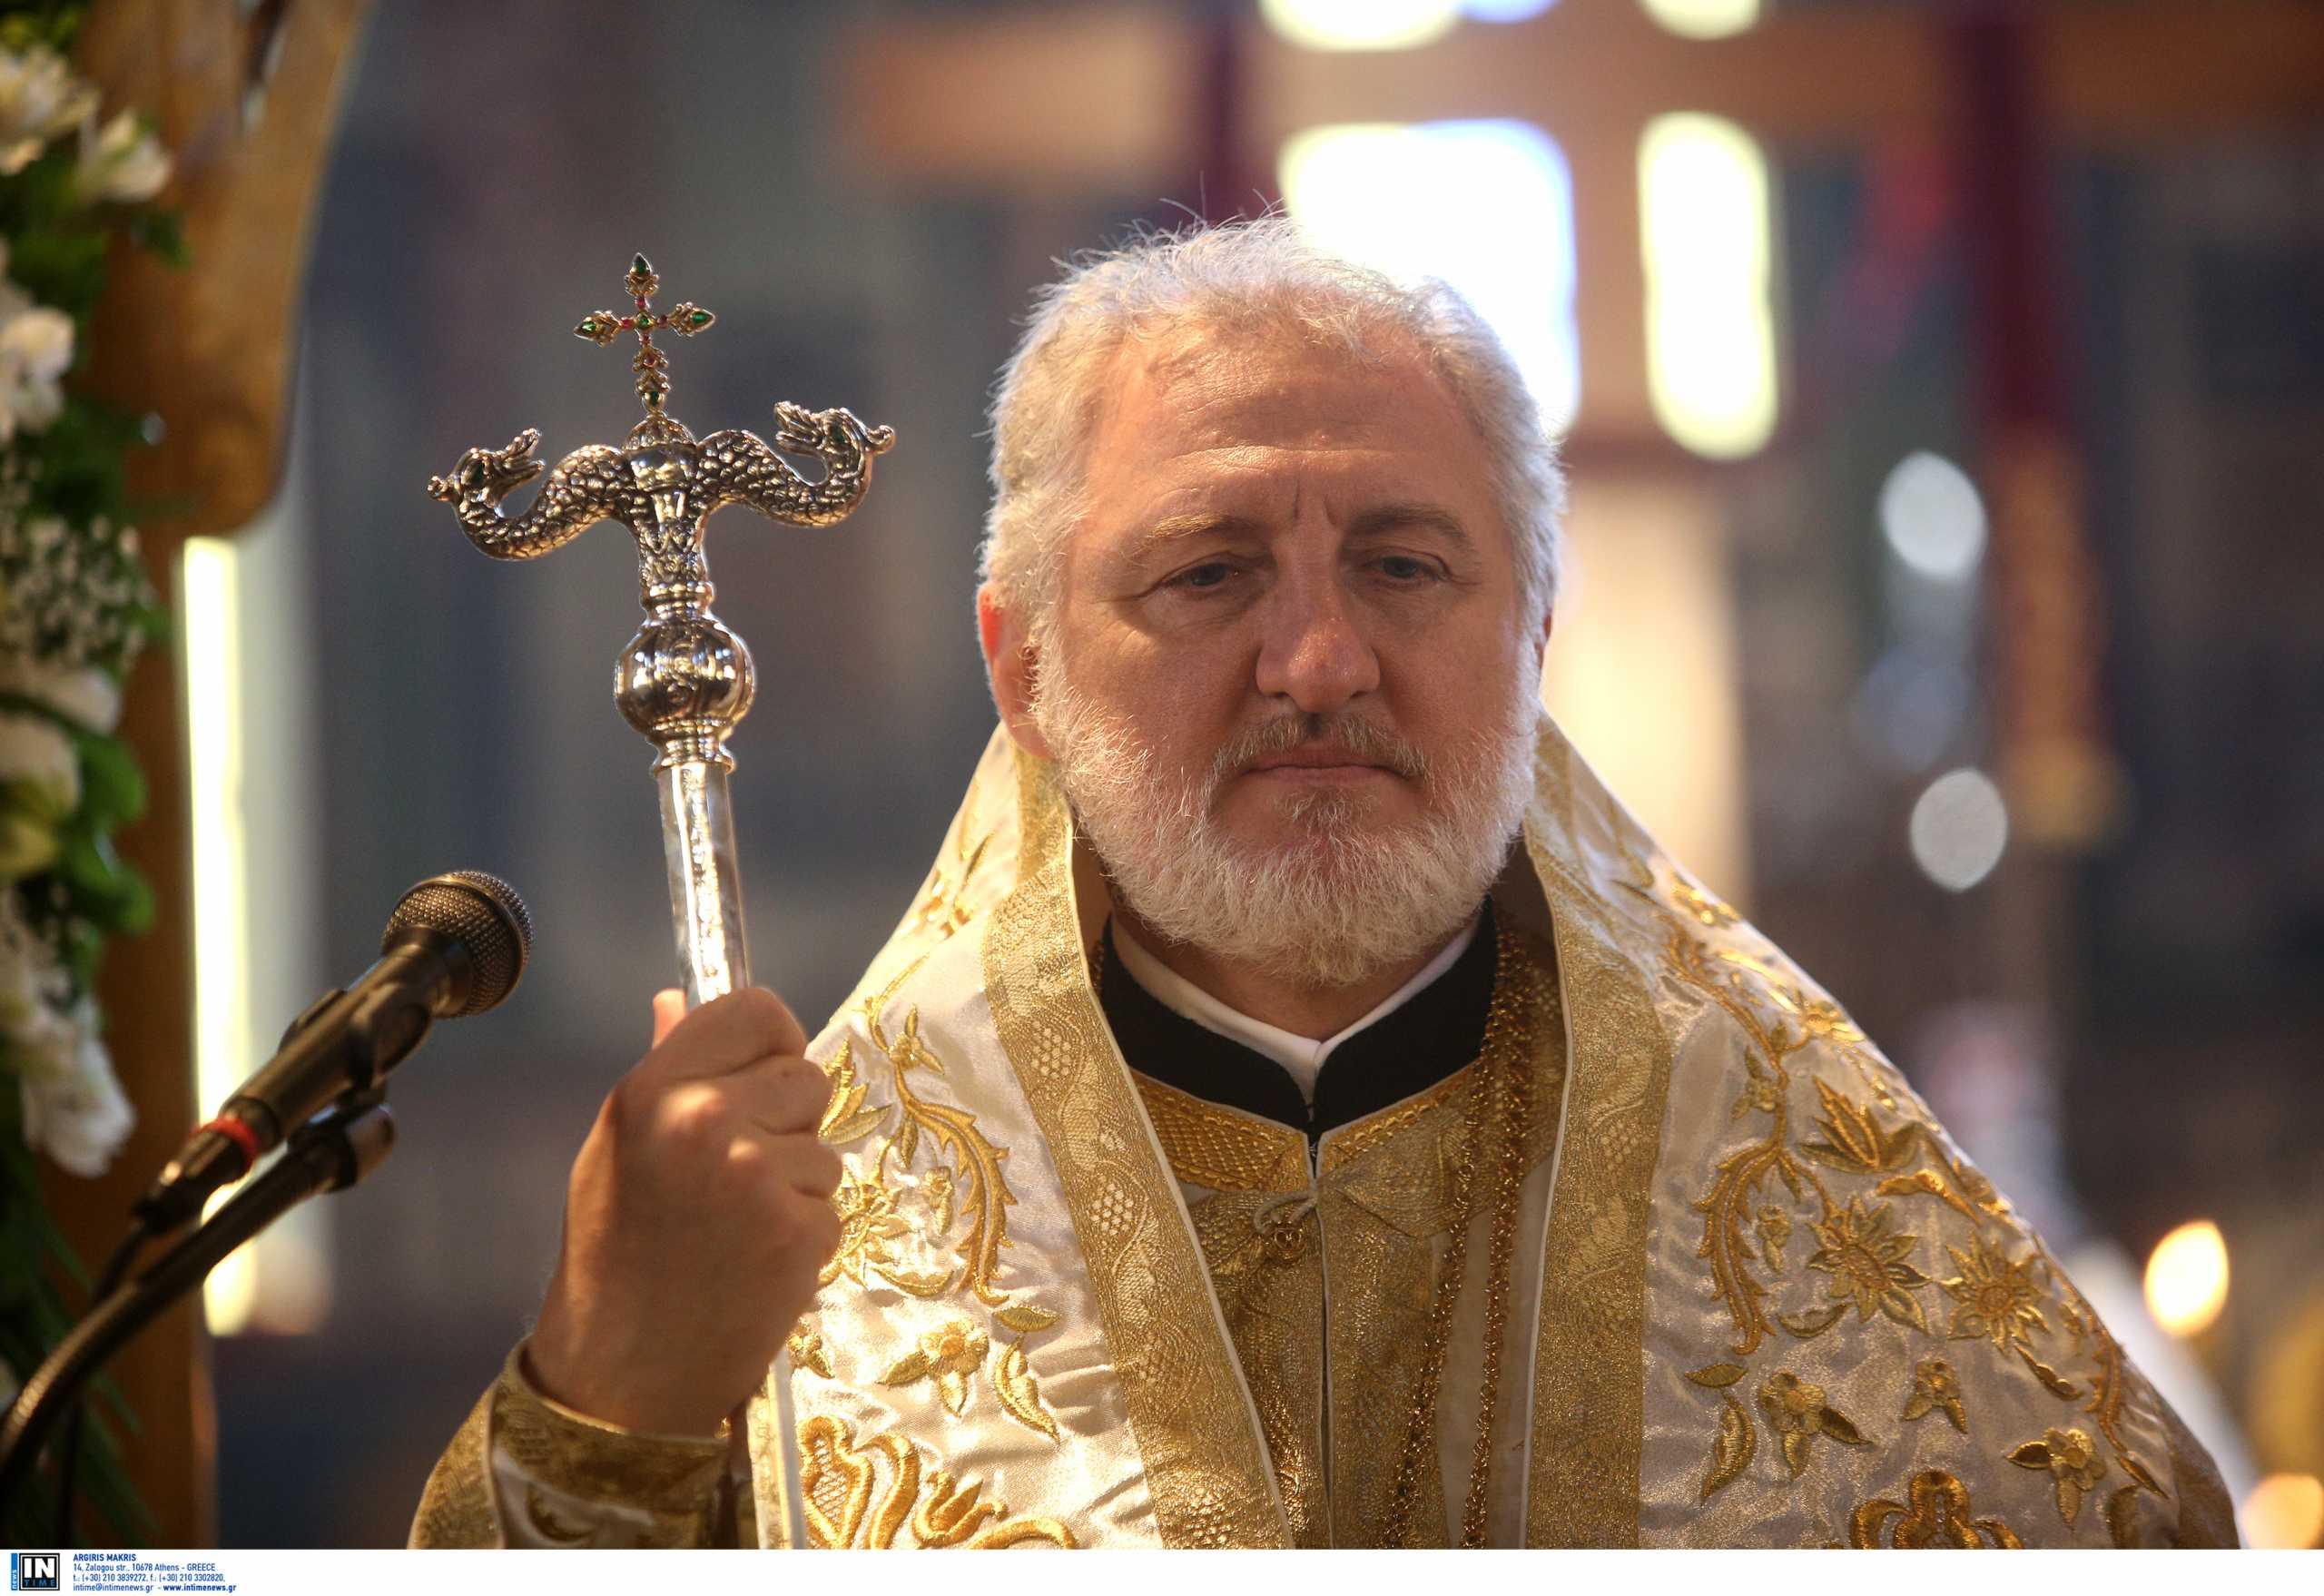 Αρχιεπίσκοπος Ελπιδοφόρος για κορονοϊό: Εύσημα στο νοσηλευτικό προσωπικό των νοσοκομείων στις ΗΠΑ